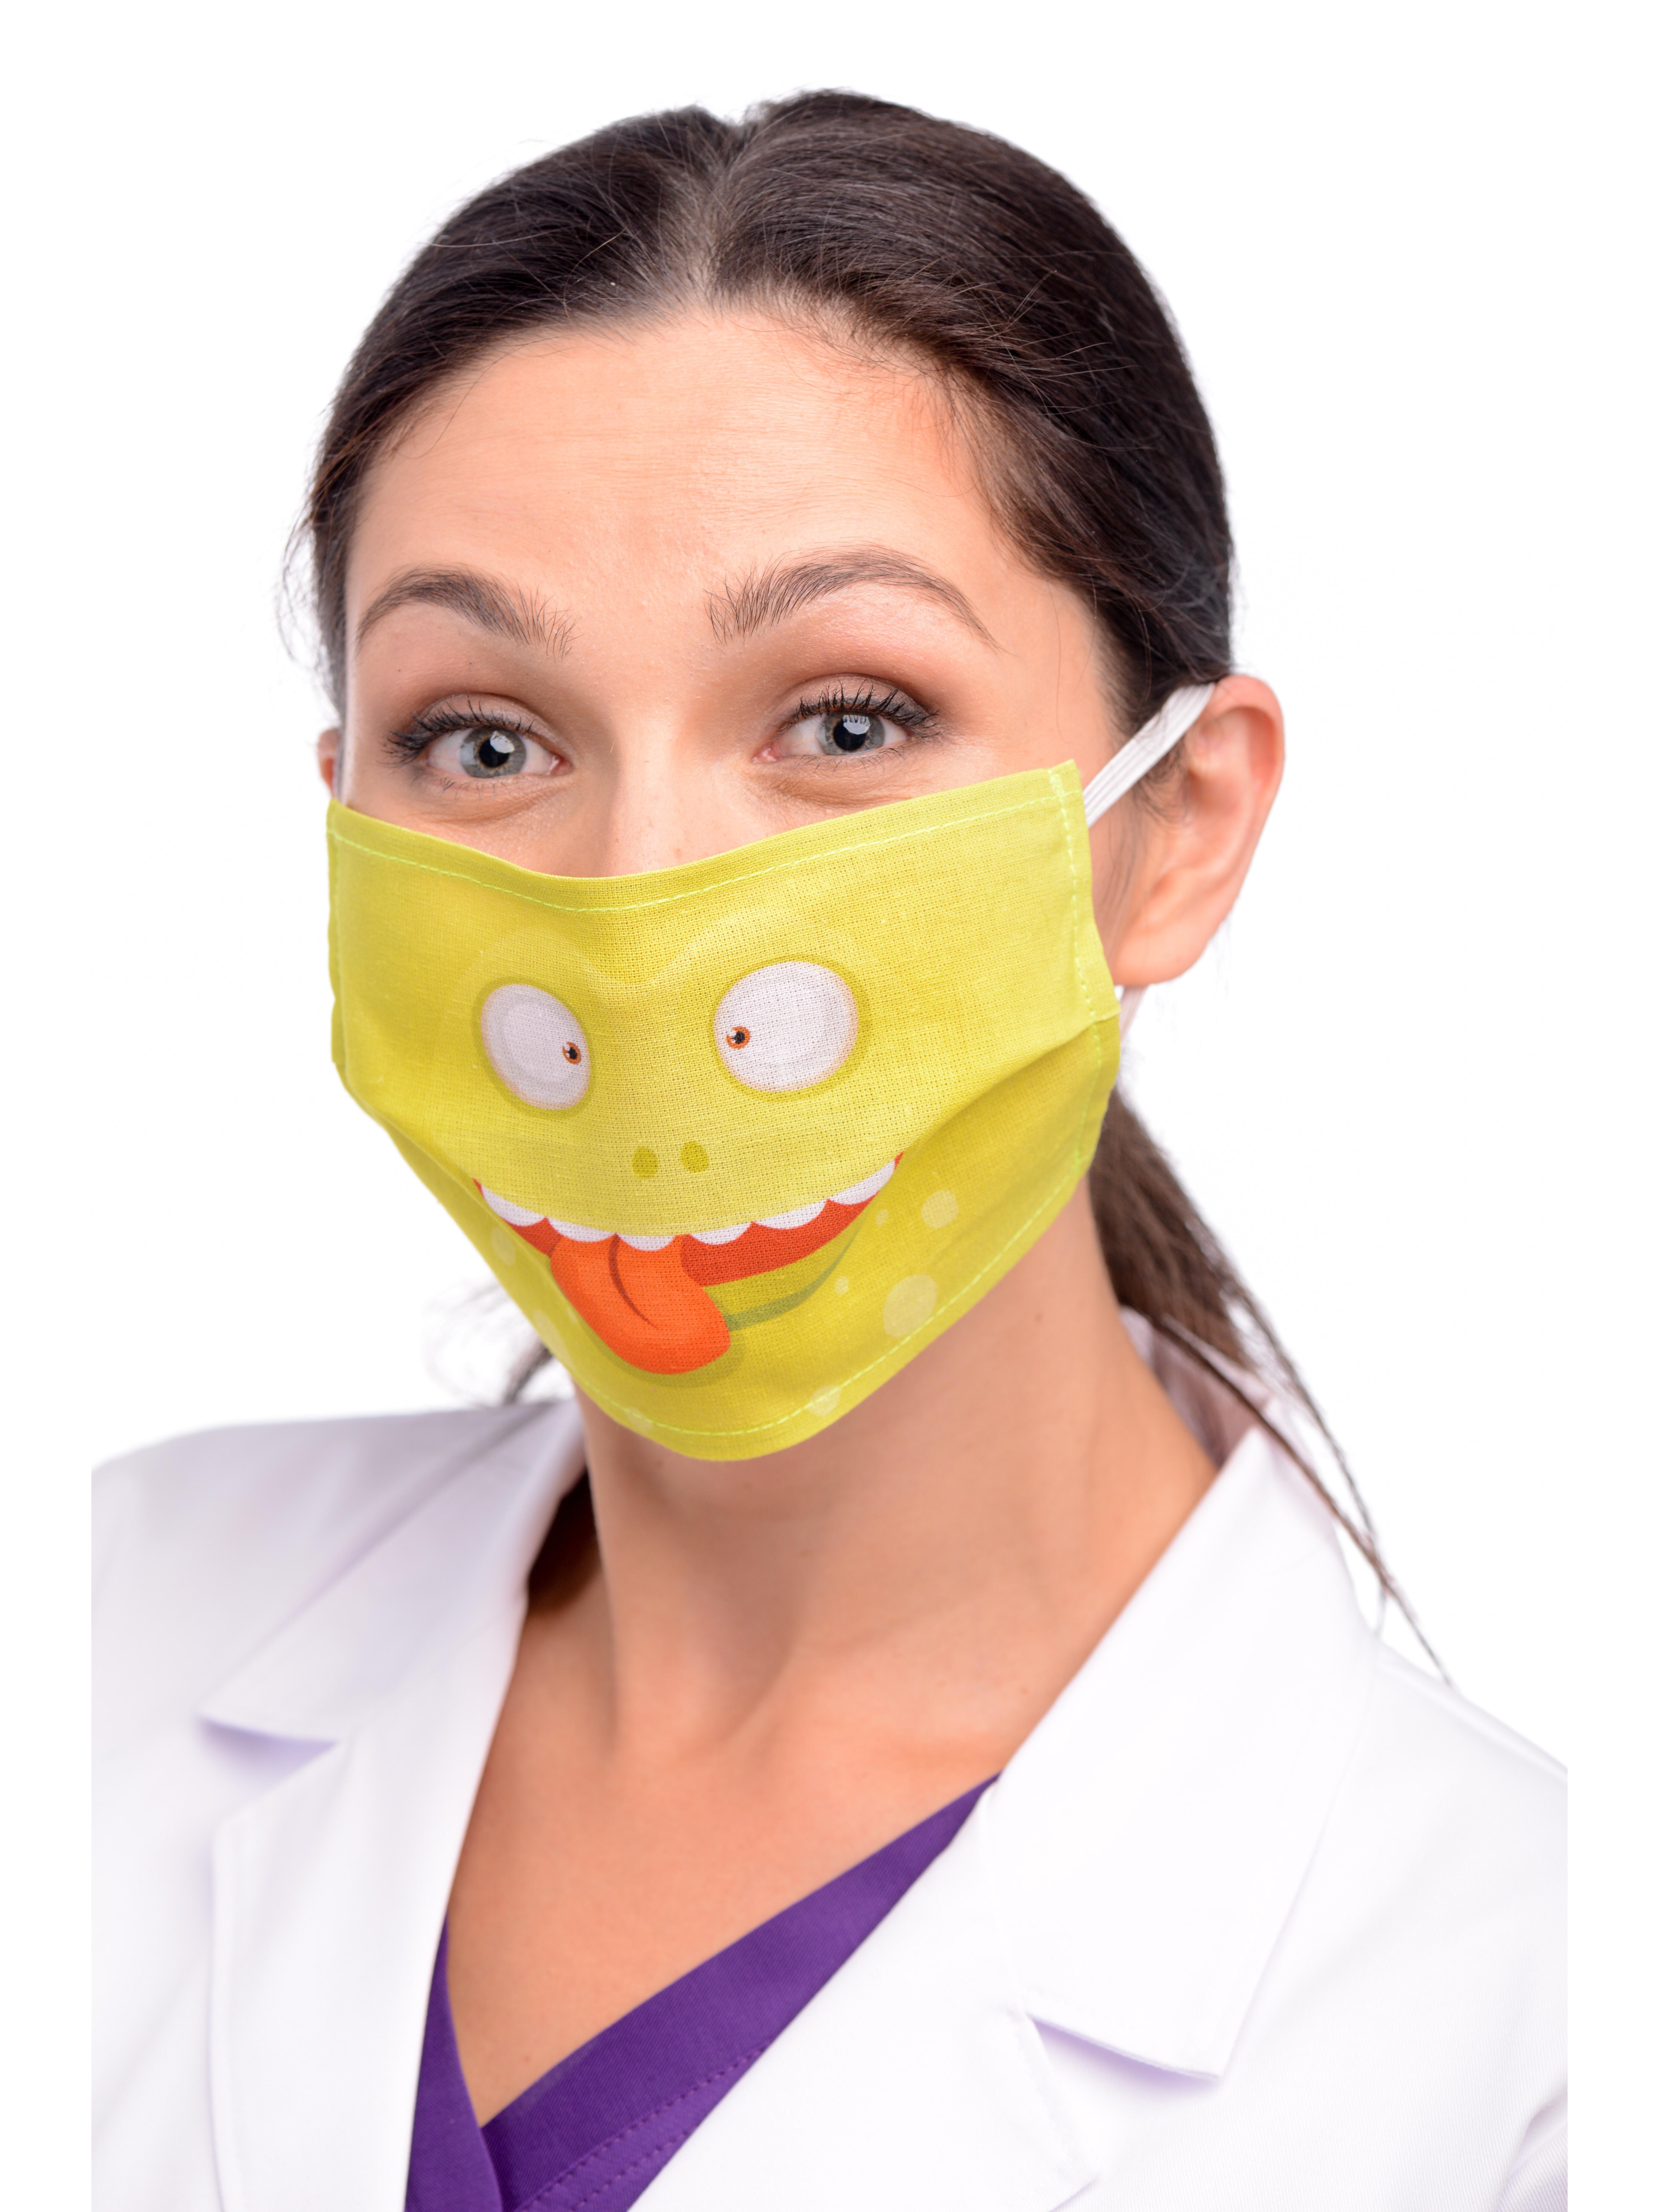 два картинки маски с улыбкой поговорим